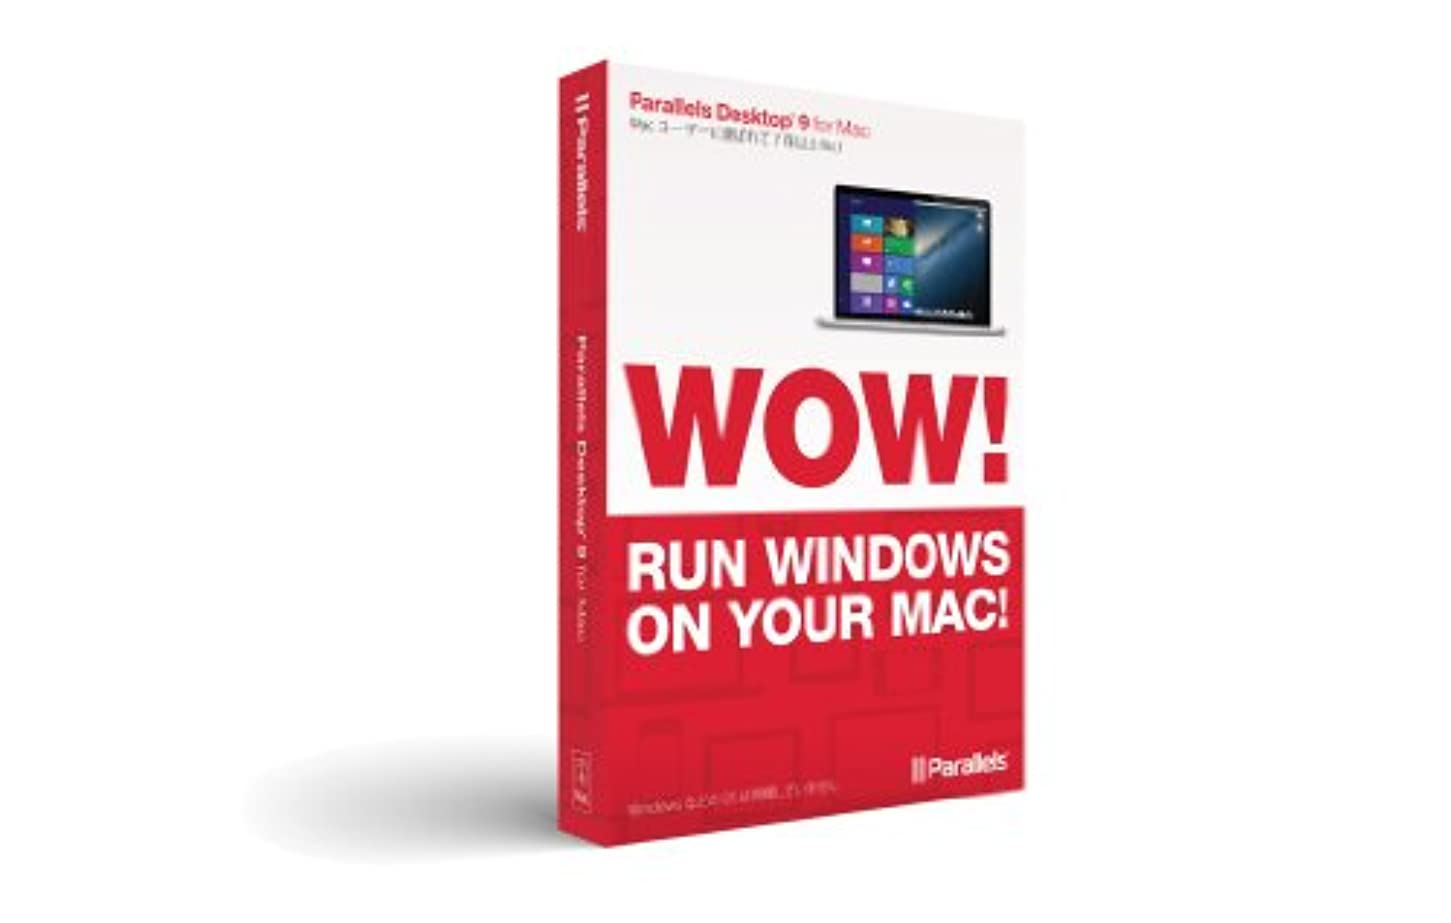 の間でワーム剛性Parallels Desktop 9 for Mac